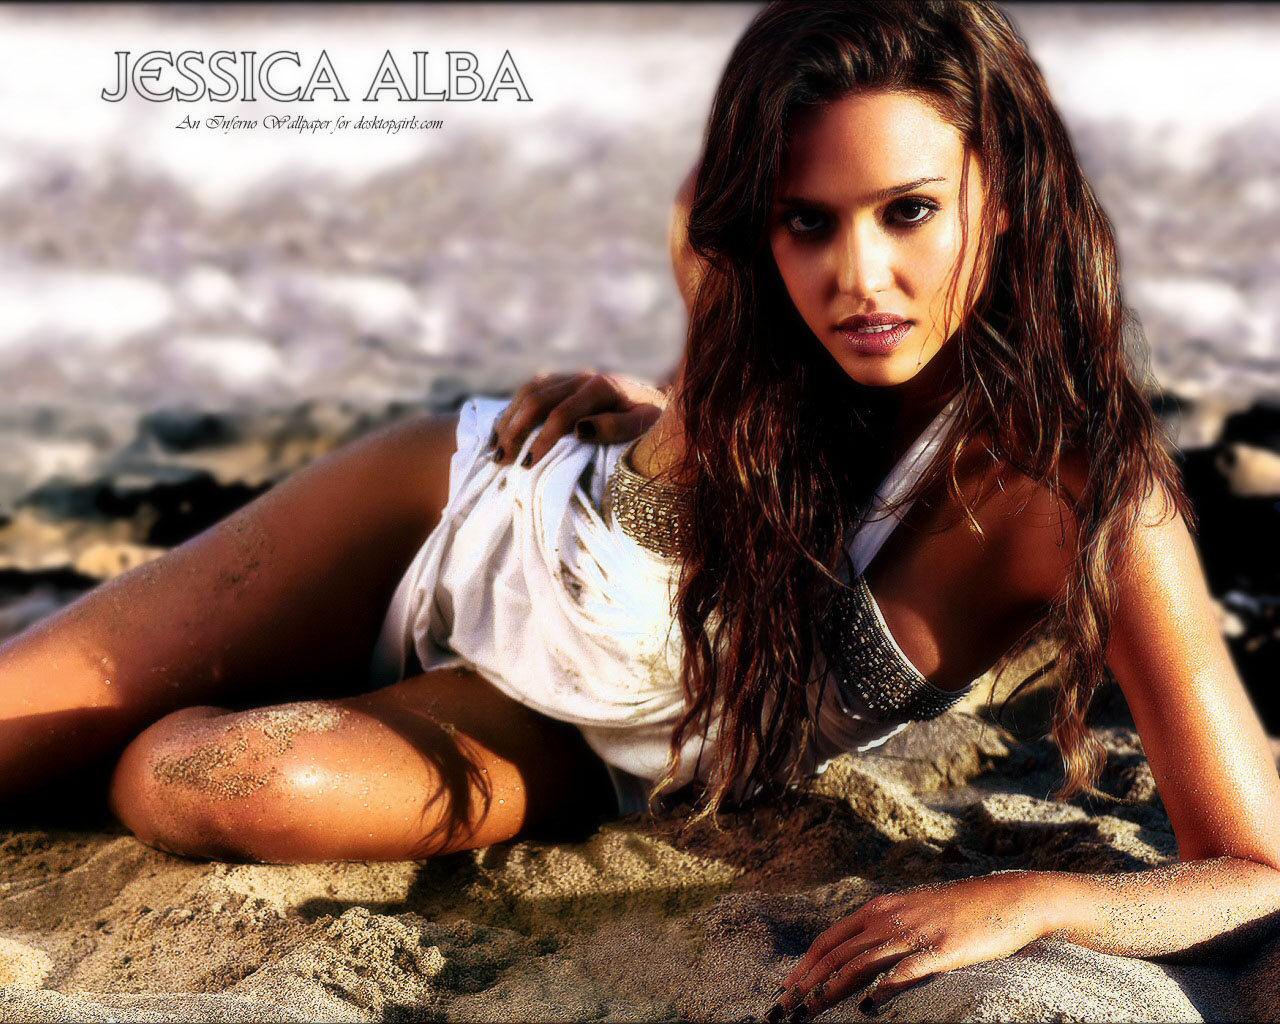 http://1.bp.blogspot.com/-atEhvJCwYc8/T60yL1t_8OI/AAAAAAAAFog/pMfNimu-CZ4/s1600/Jessica_Alba_8222007121120PM630.jpg